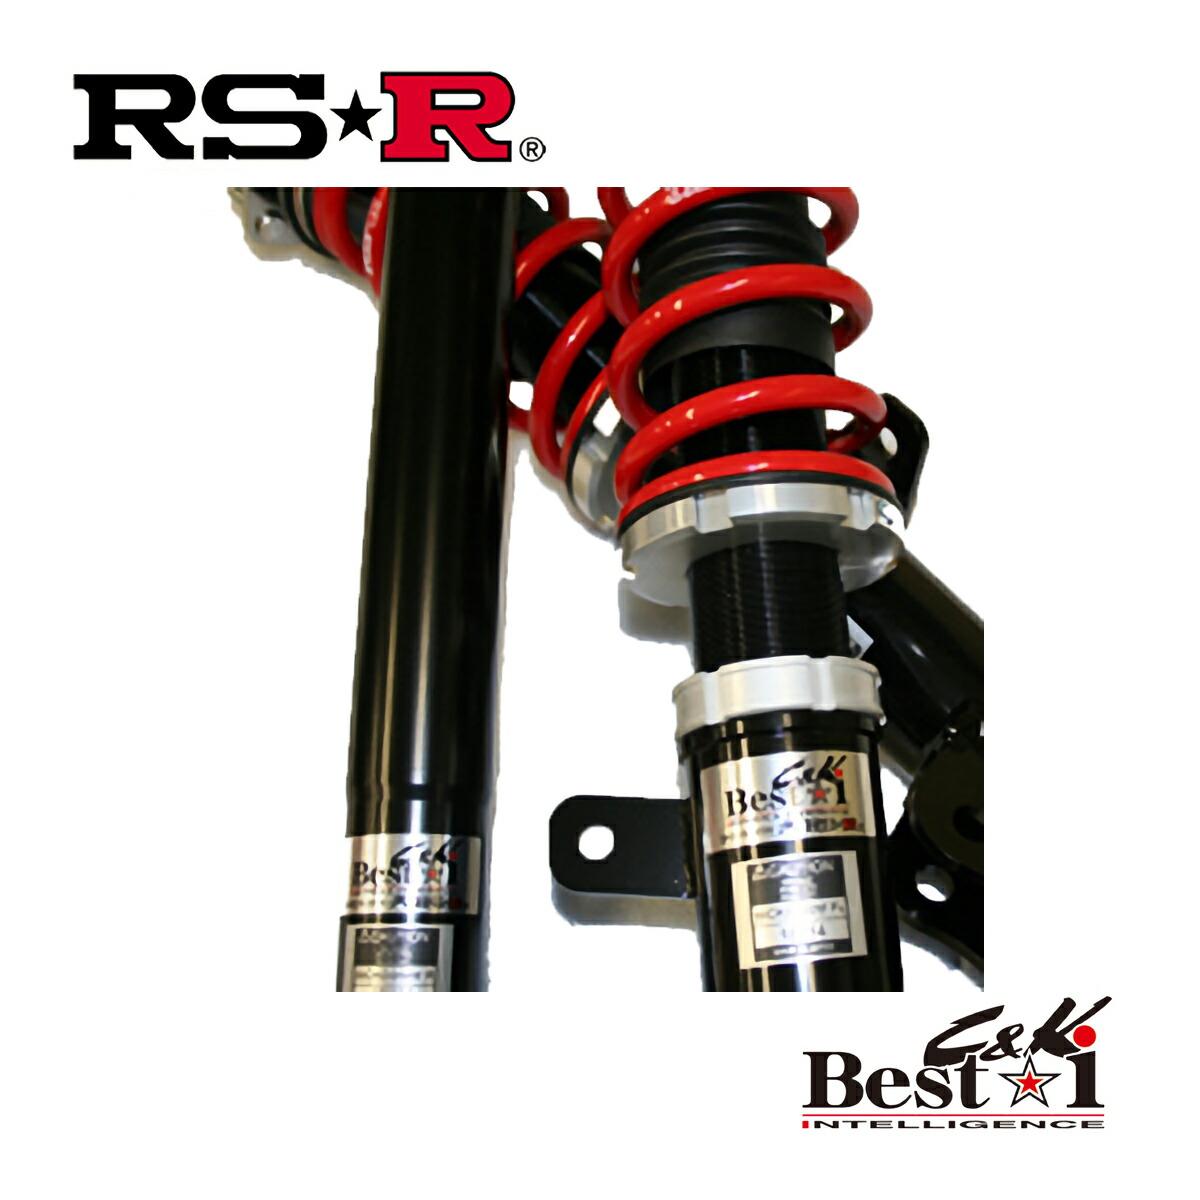 RS-R ハイゼットカーゴ S321V クルーズターボ 車高調 リア車高調整: ネジ式 BICKD122M ベストi C&K RSR 個人宅発送追金有